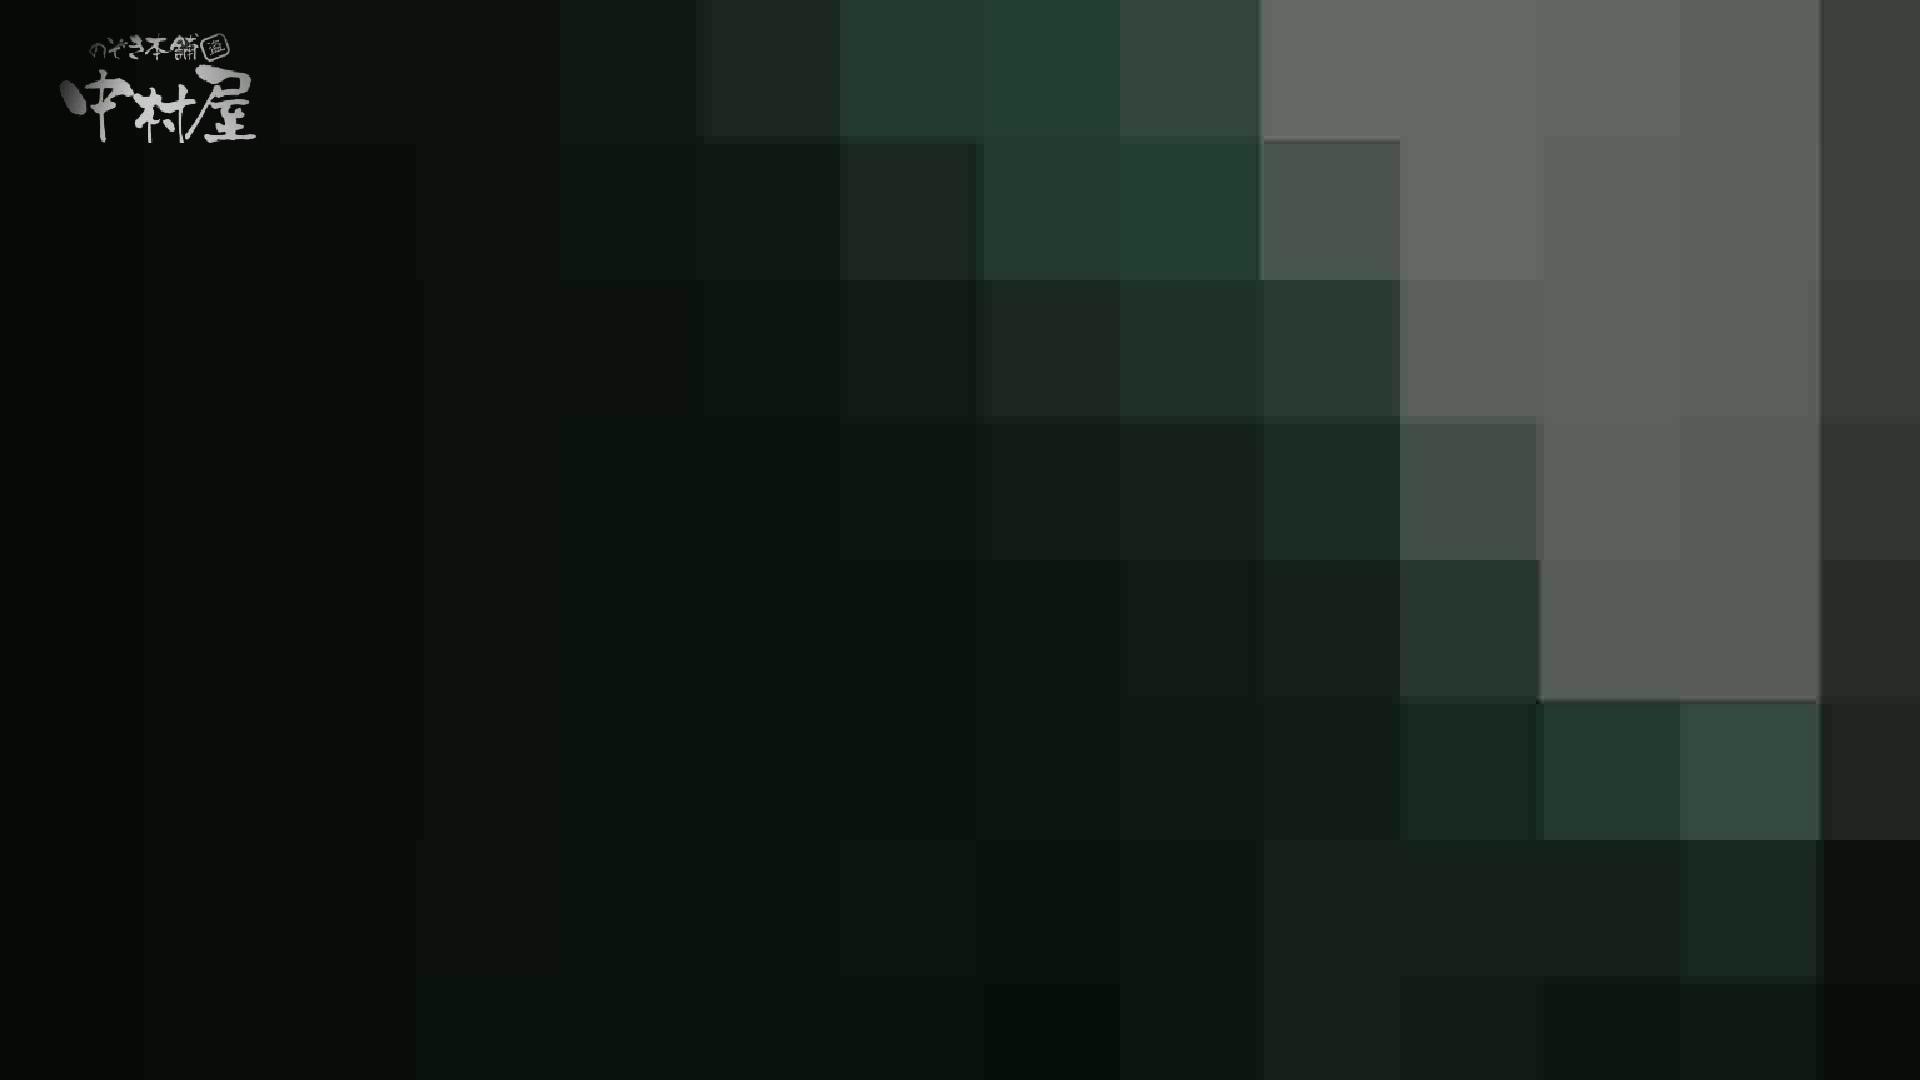 洗面所突入レポート!!vol.26 洗面所編 オマンコ動画キャプチャ 101PIX 13